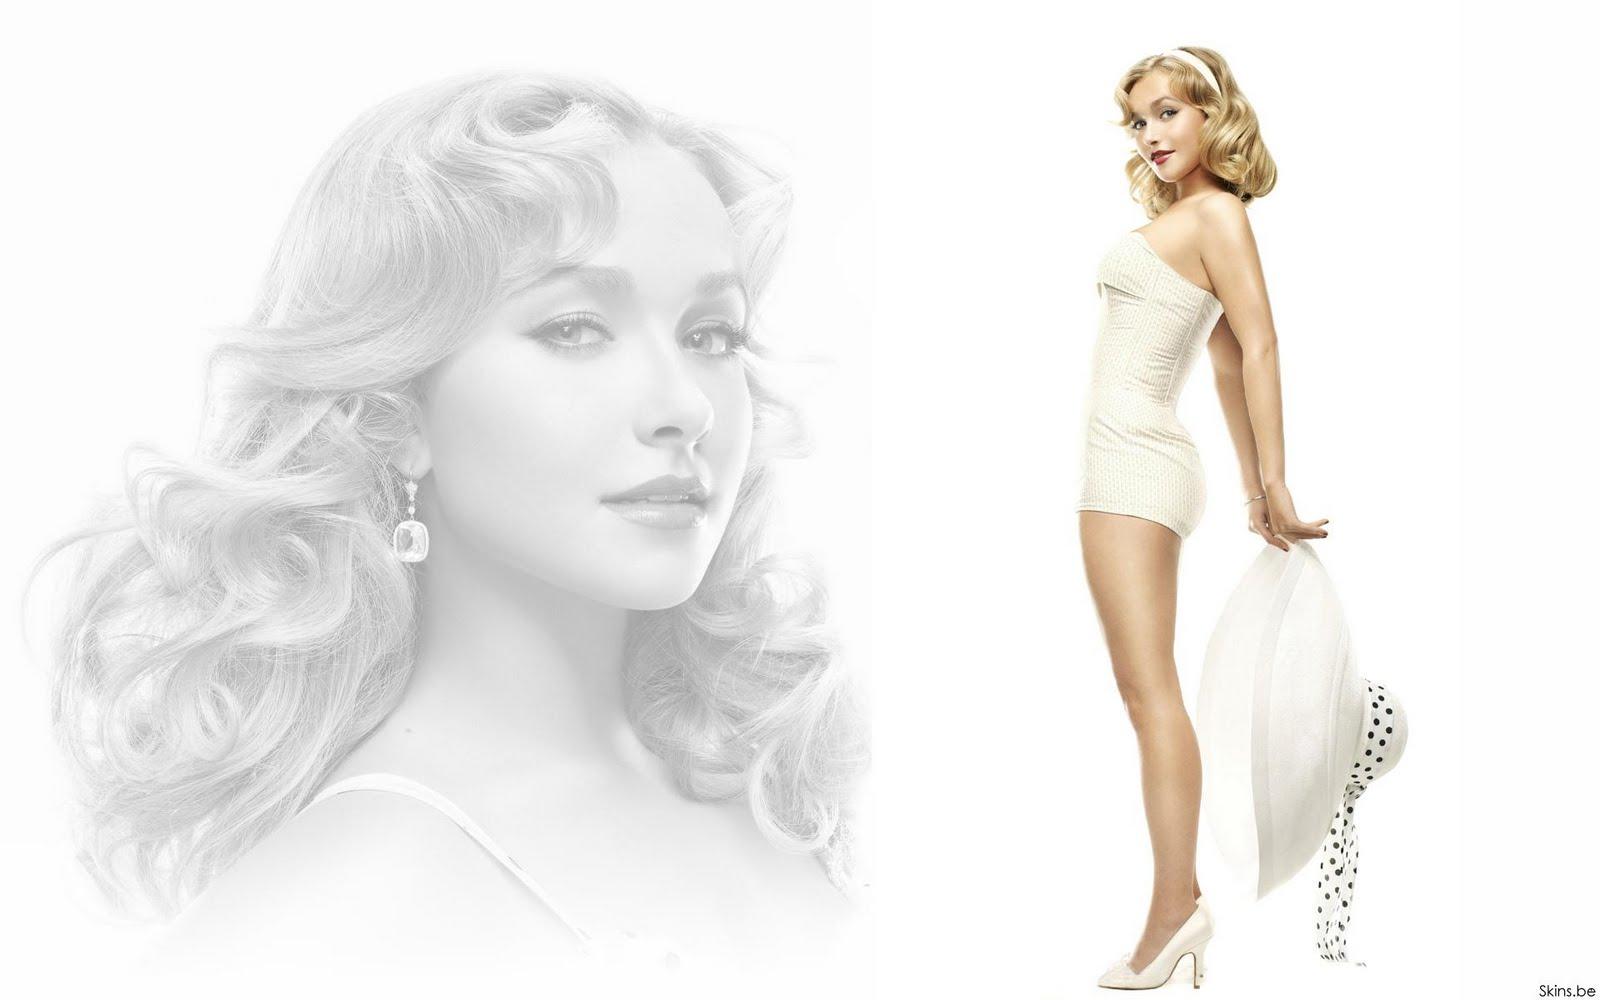 http://1.bp.blogspot.com/-OCGRGZVHB9A/TtpNdj9a3lI/AAAAAAAAKMw/I0HlNnmW2u0/s1600/Hayden_Panettiere_white_beauty_wallpapers_06.jpg